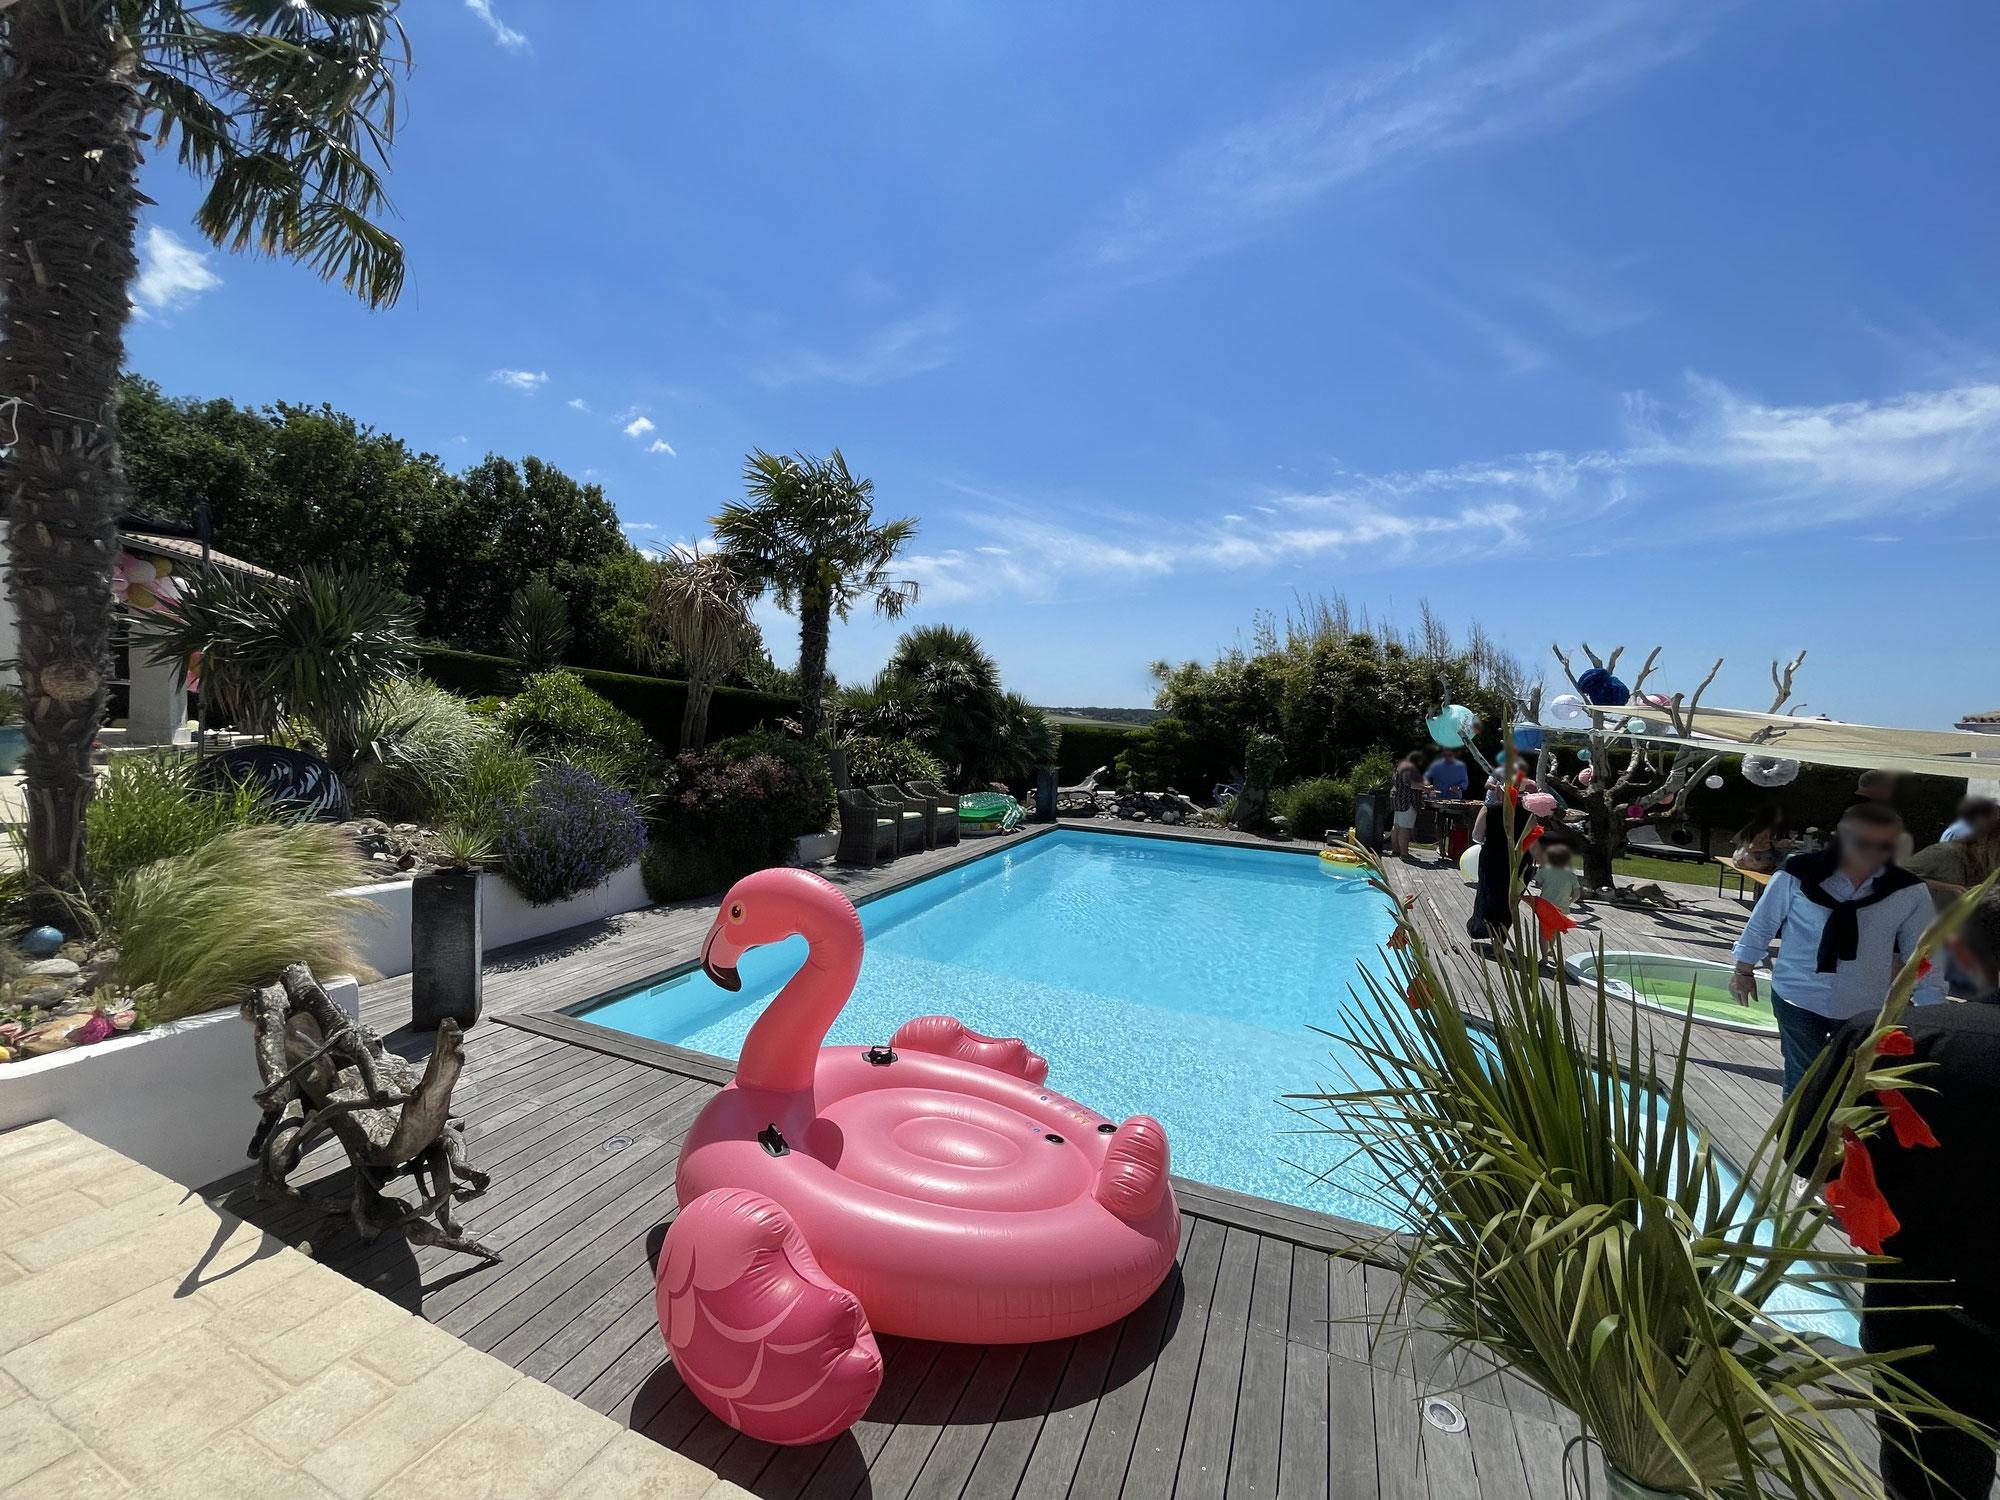 Reprise : Garden party / Pool Party - un dimanche au bord de l'eau